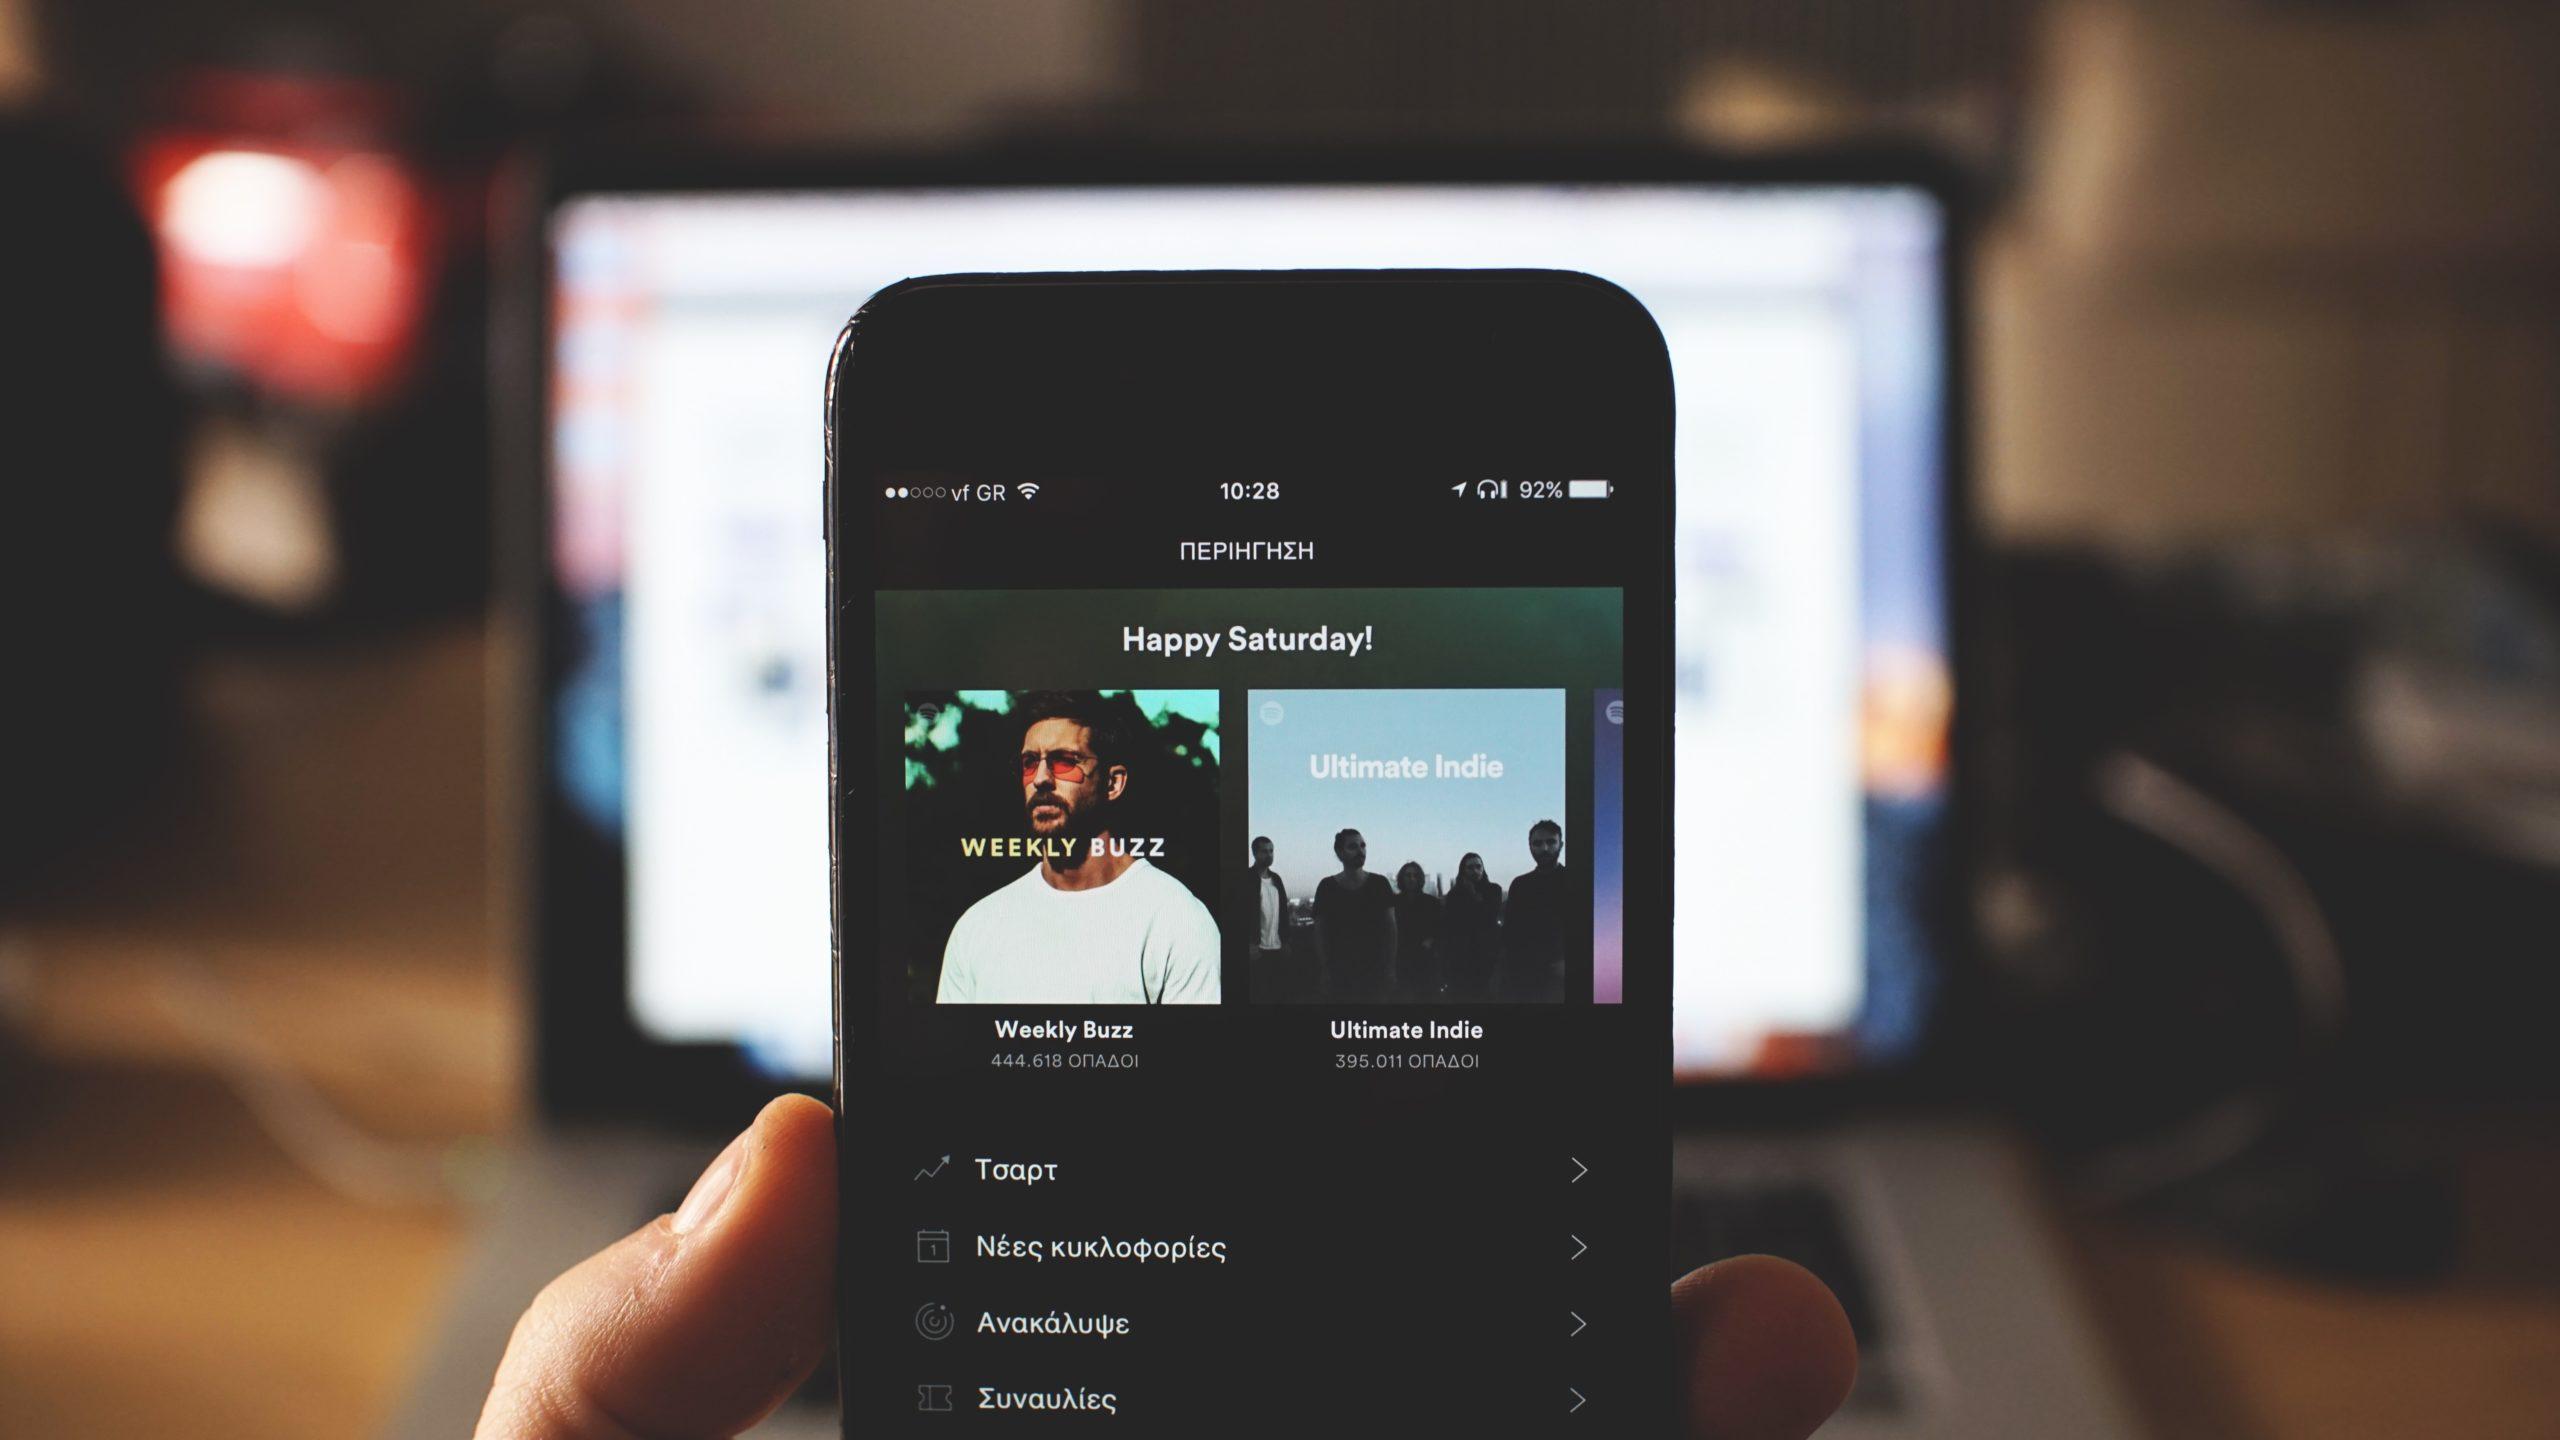 La musique, à partager avec ses amis grâce aux applications d'écoute